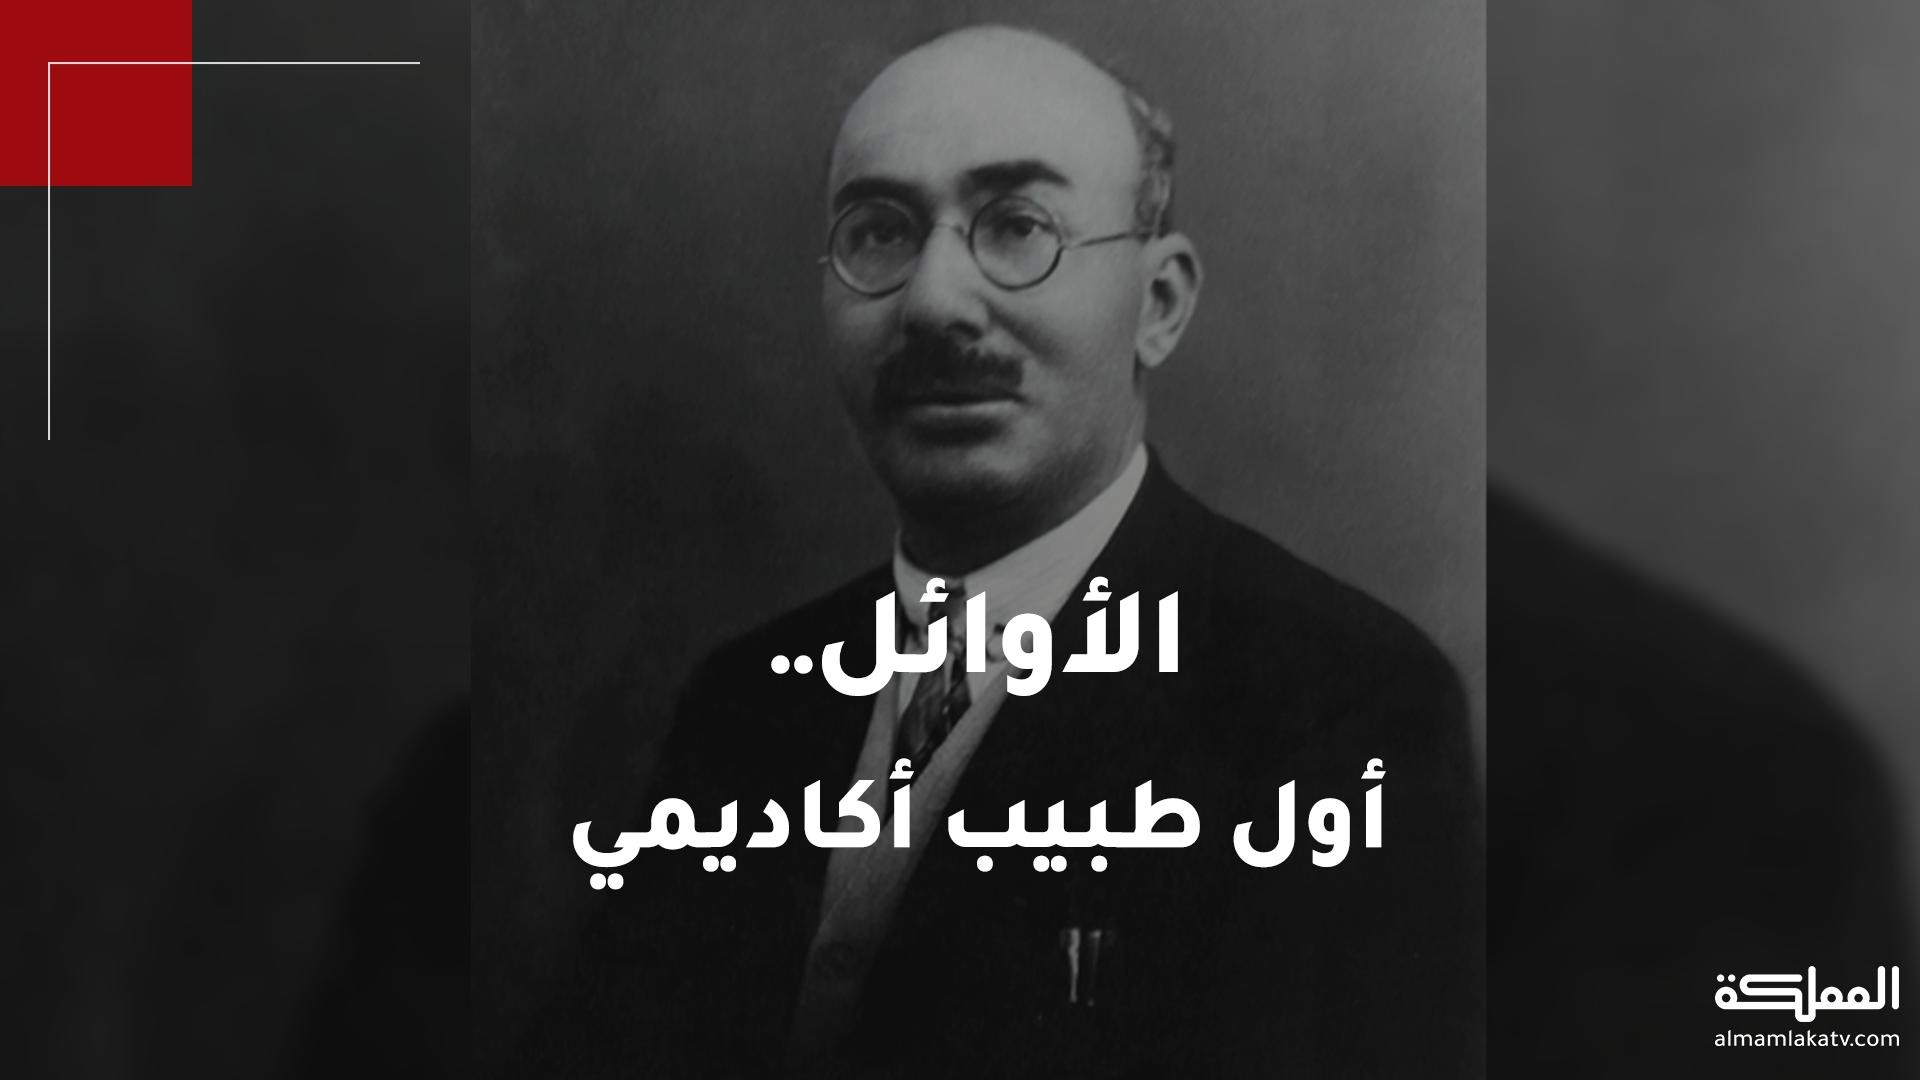 حنا القسوس، أول طبيب أكاديمي أردني..تعرفوا على سيرته.. ضمن سلسلة الأوائل